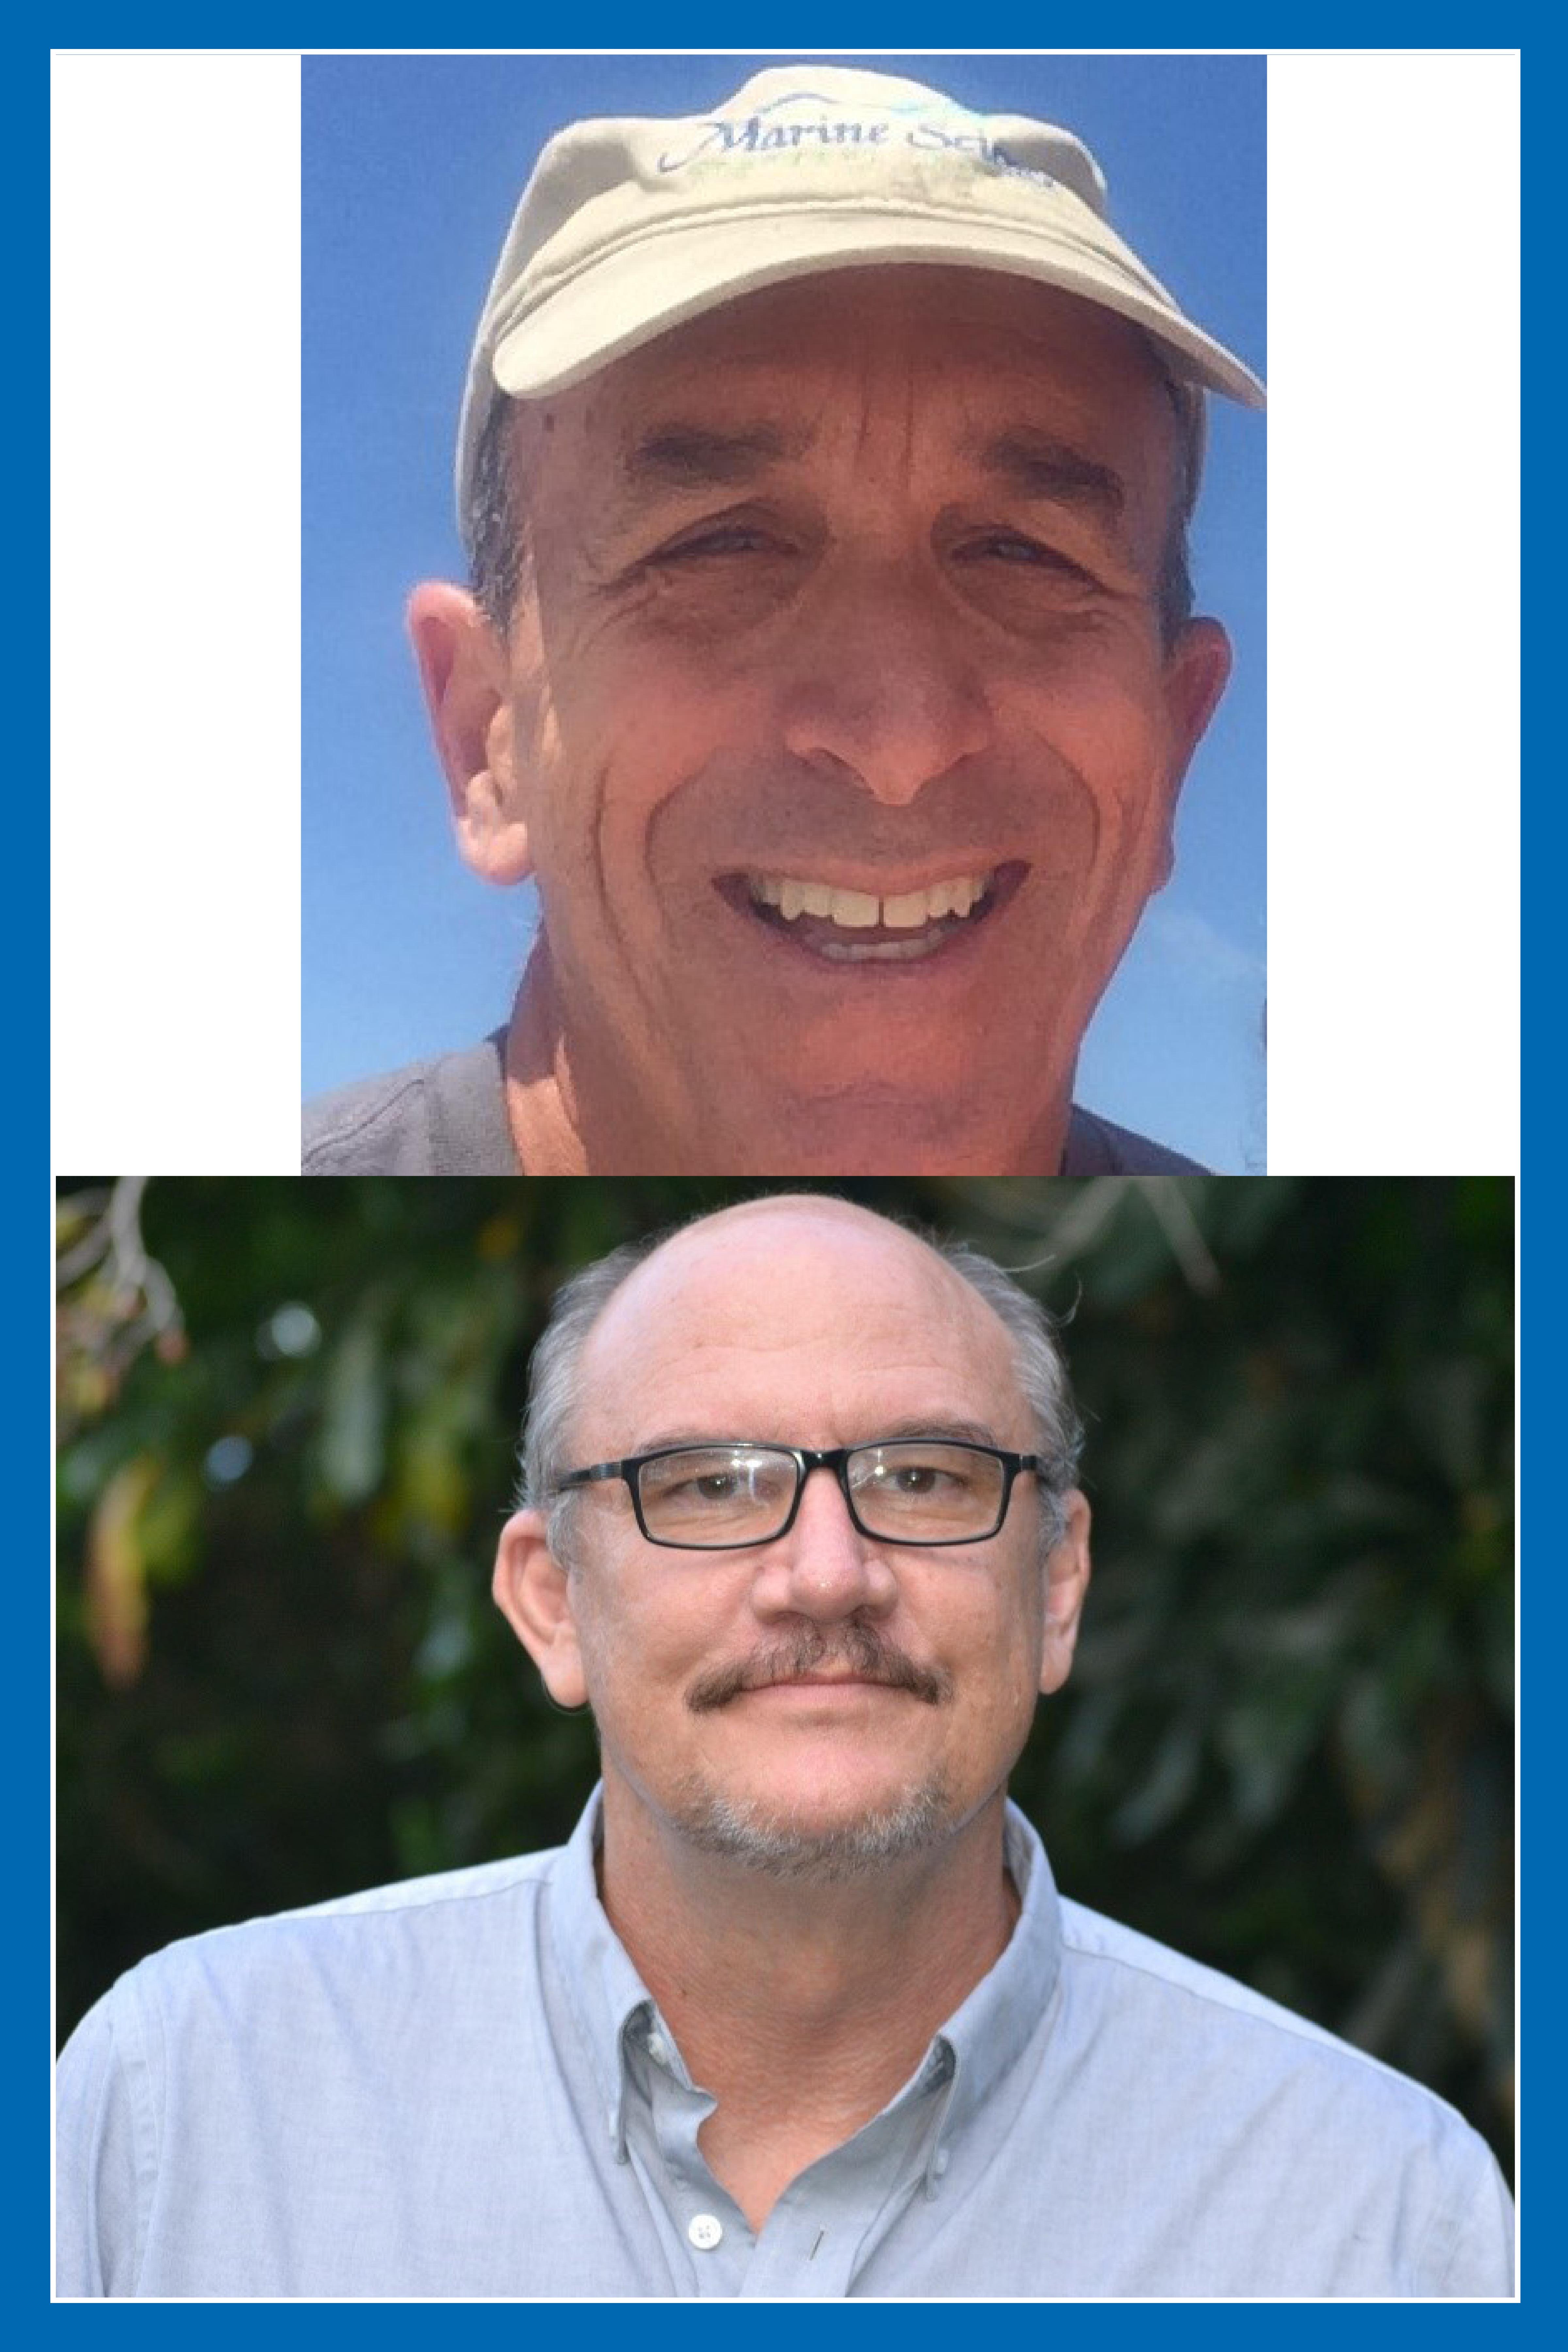 Dan McCarthy and Ken Lindeman